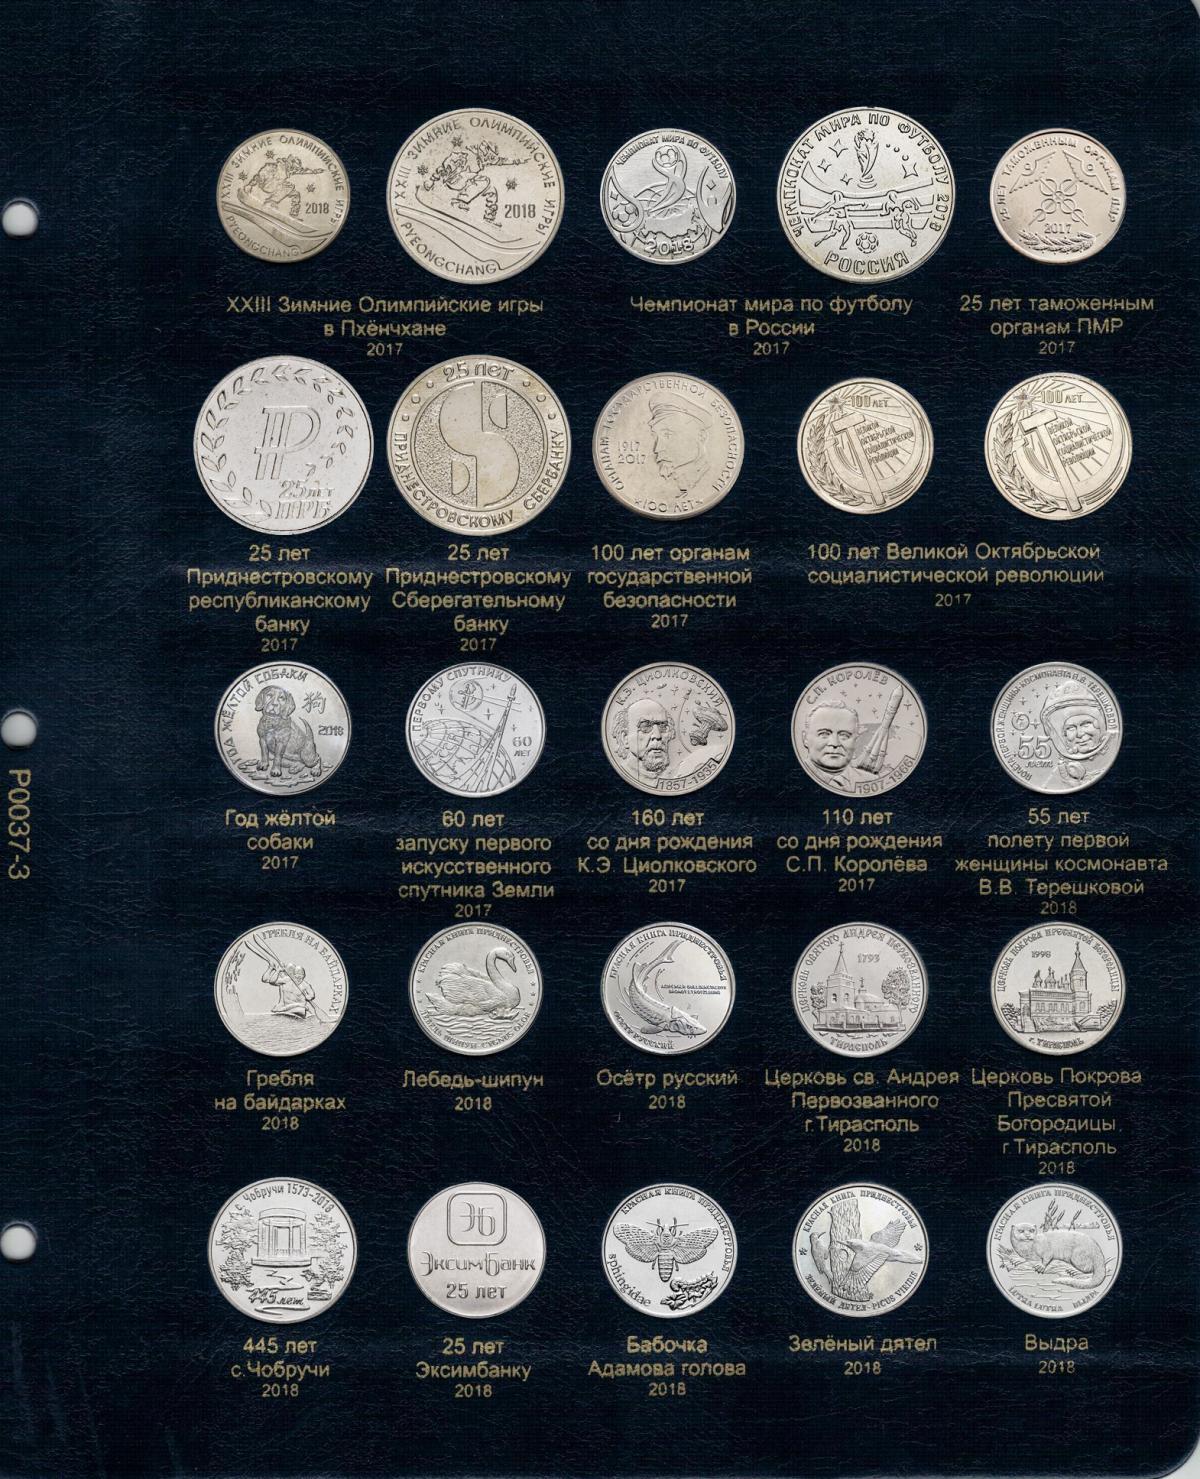 Лист для юбилейных монет Приднестровья 2017-2018 гг. КоллекционерЪ